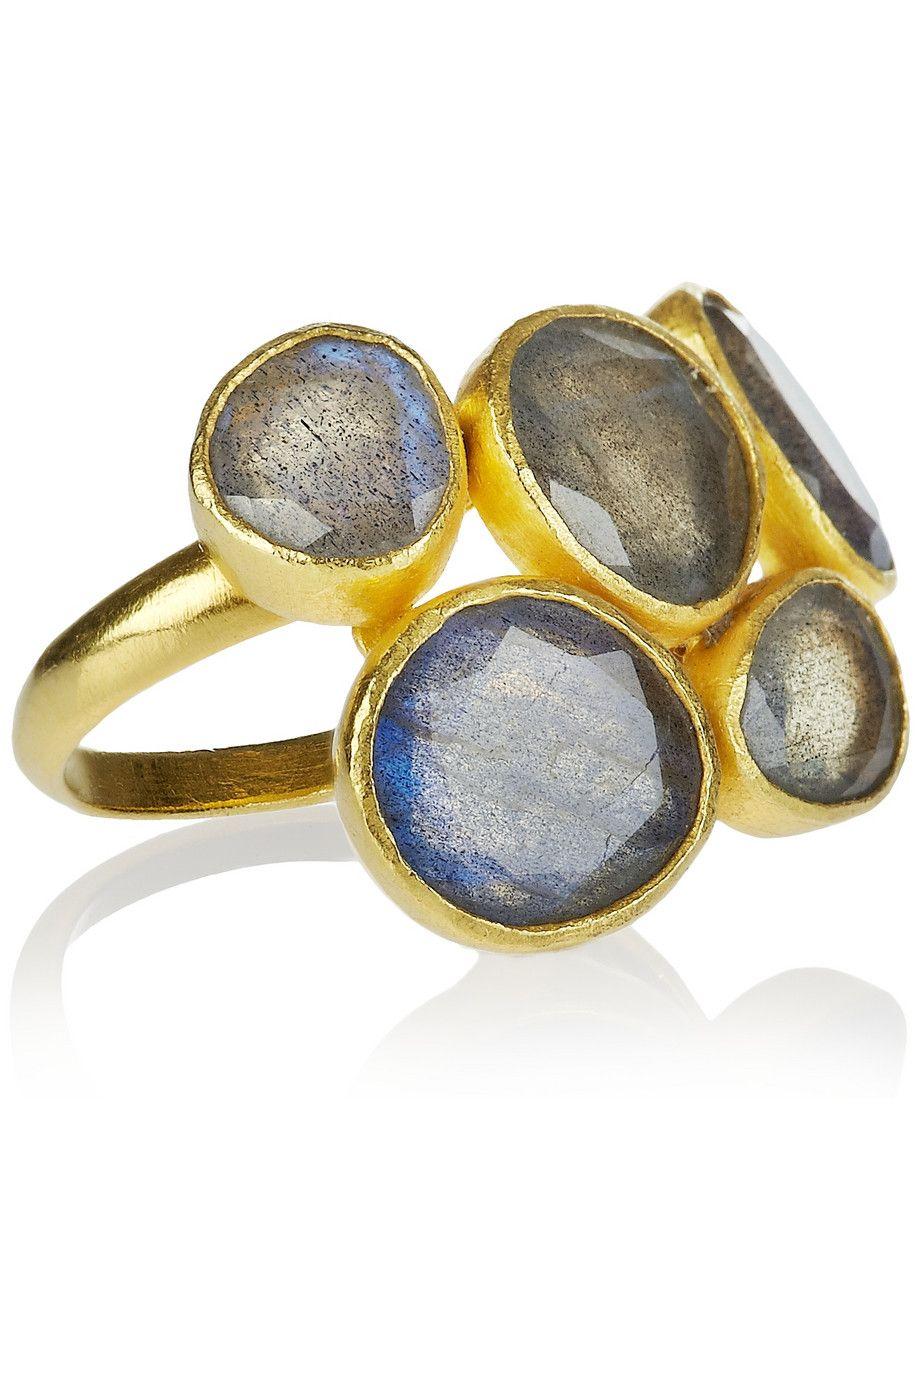 Pippa Small 18-karat Gold Labradorite Ring Xi1ehKT2ZE